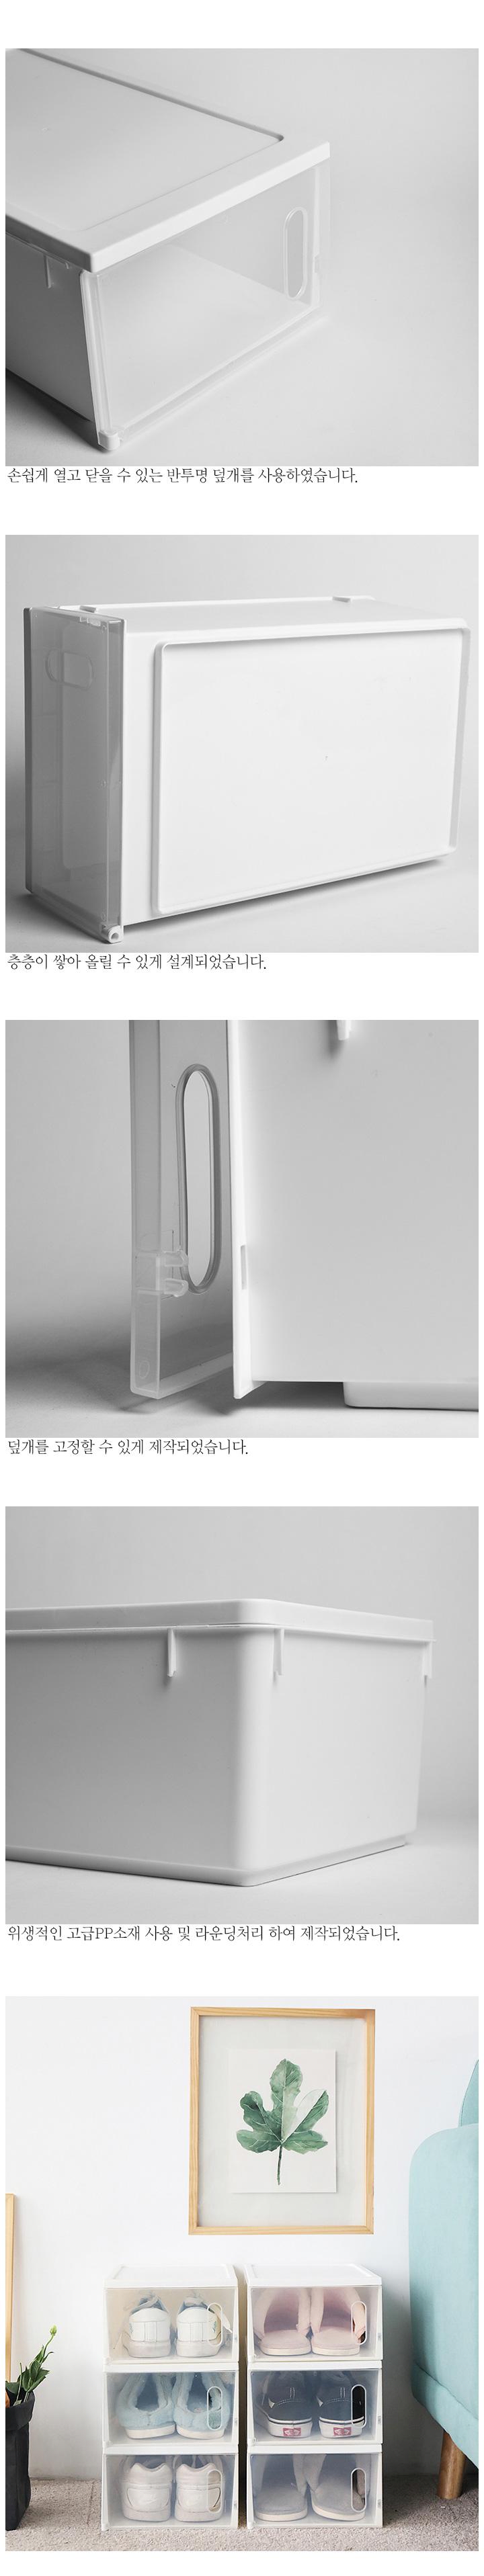 모던 스태킹 신발 운동화 정리함 - 네코리빙, 8,720원, 수납/선반장, 신발정리대/신발장